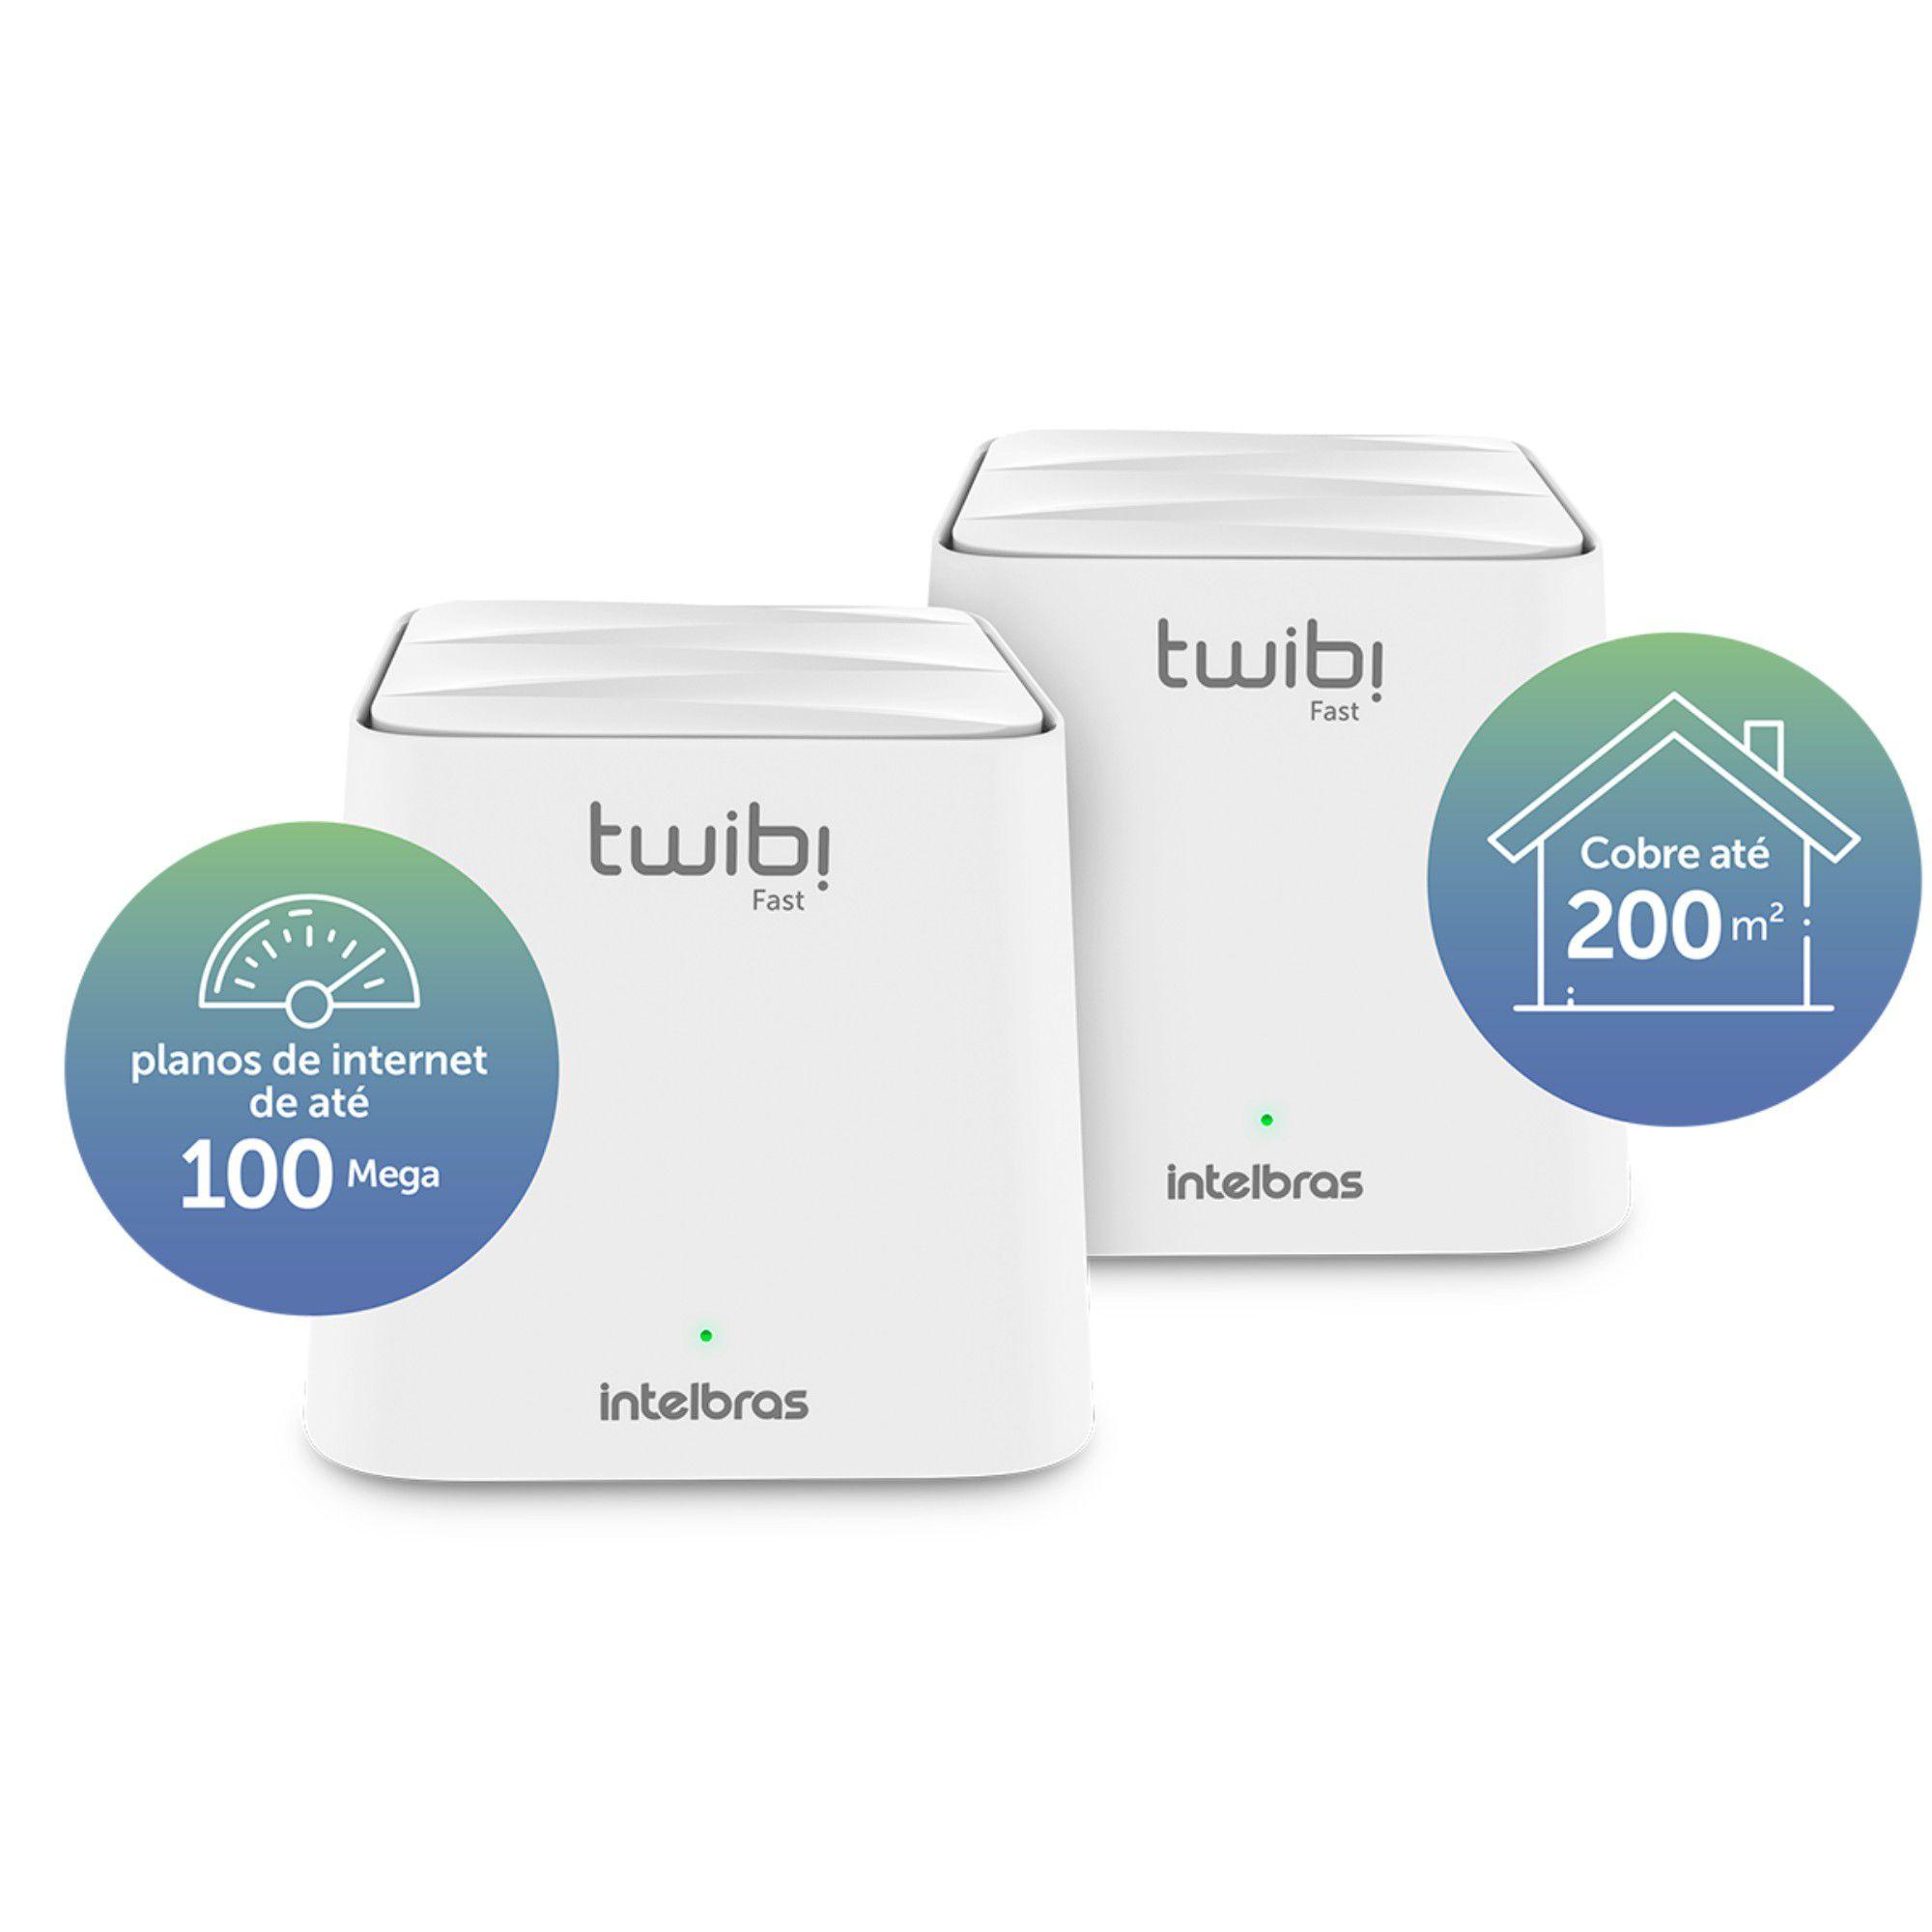 Roteador Intelbras Twibi Wifi Mesh Fast Kit C/ 2 Unidades